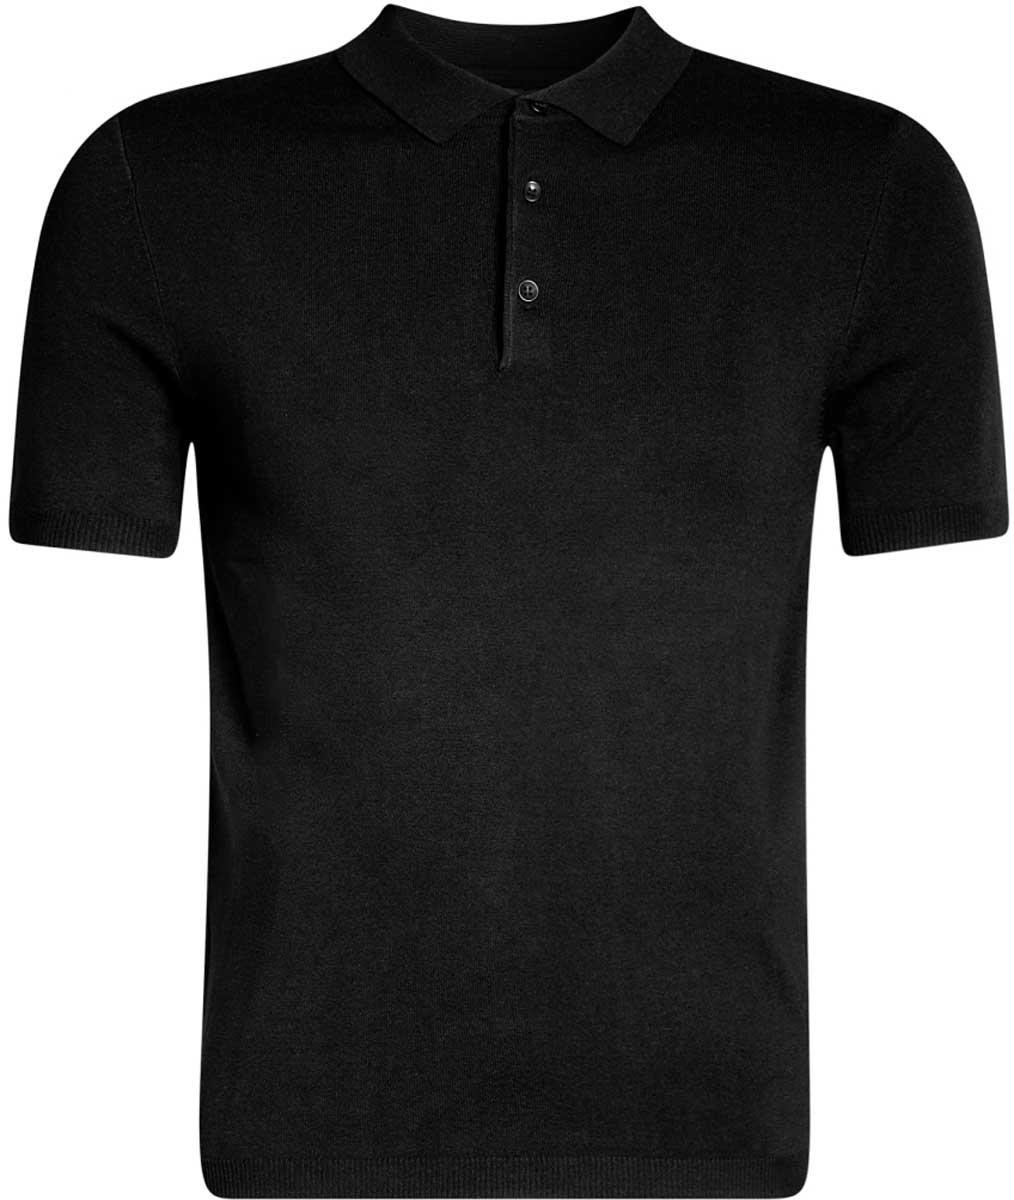 Поло мужское oodji Basic, цвет: черный. 4B512002M/39795N/2900N. Размер S (46/48)4B512002M/39795N/2900NВязаноеполо с коротким рукавом и отложным воротником на груди застегивается на пуговицы.